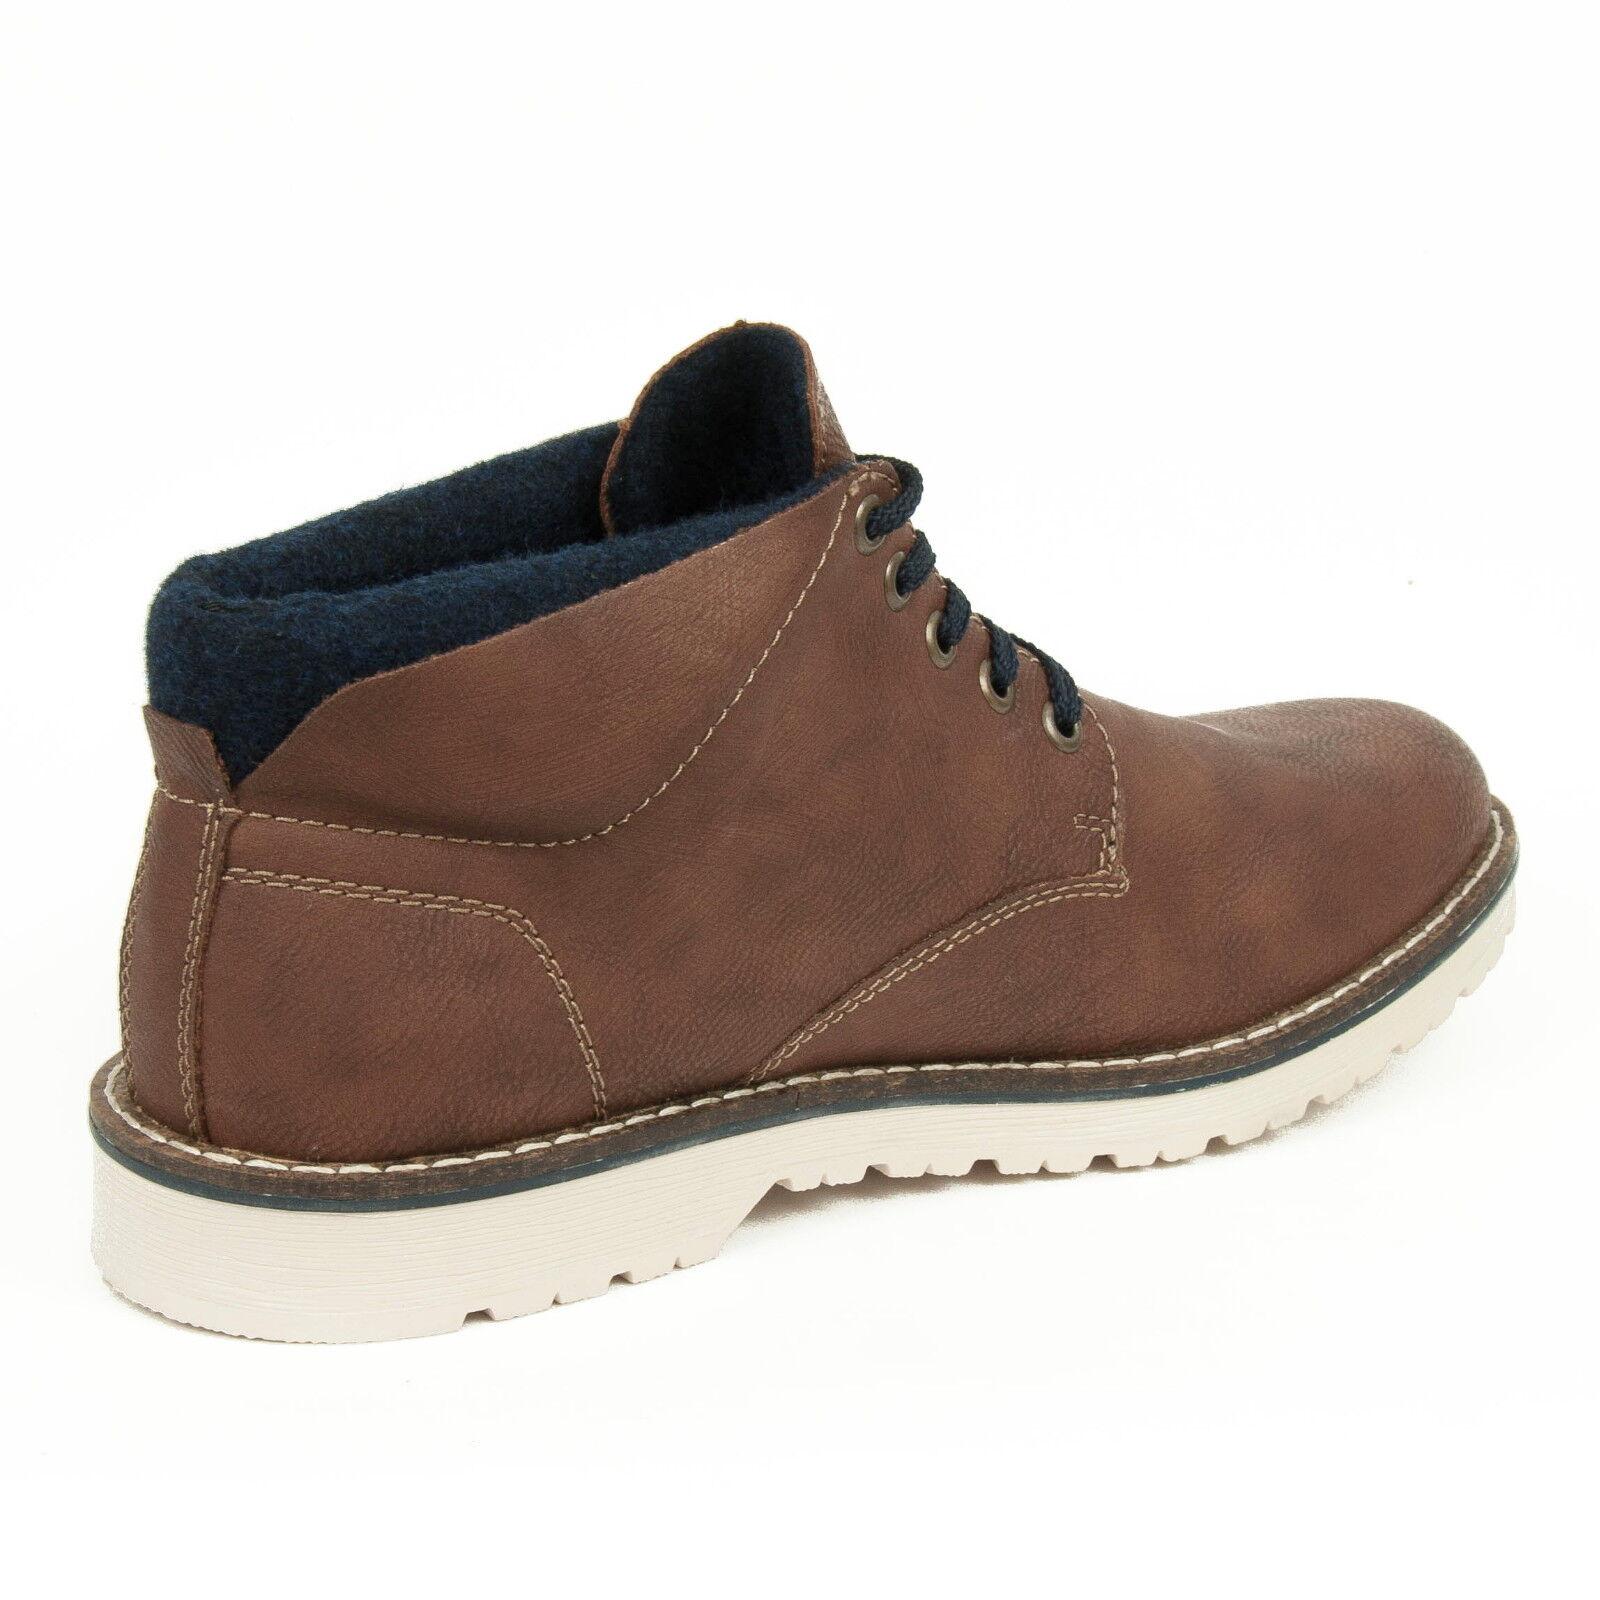 bb3be7392f43f ... Rieker Zapatos Hombre Hombre Hombre Botas con Cordones Botas Forro  Polar Marrón Combi 39234-24 ...